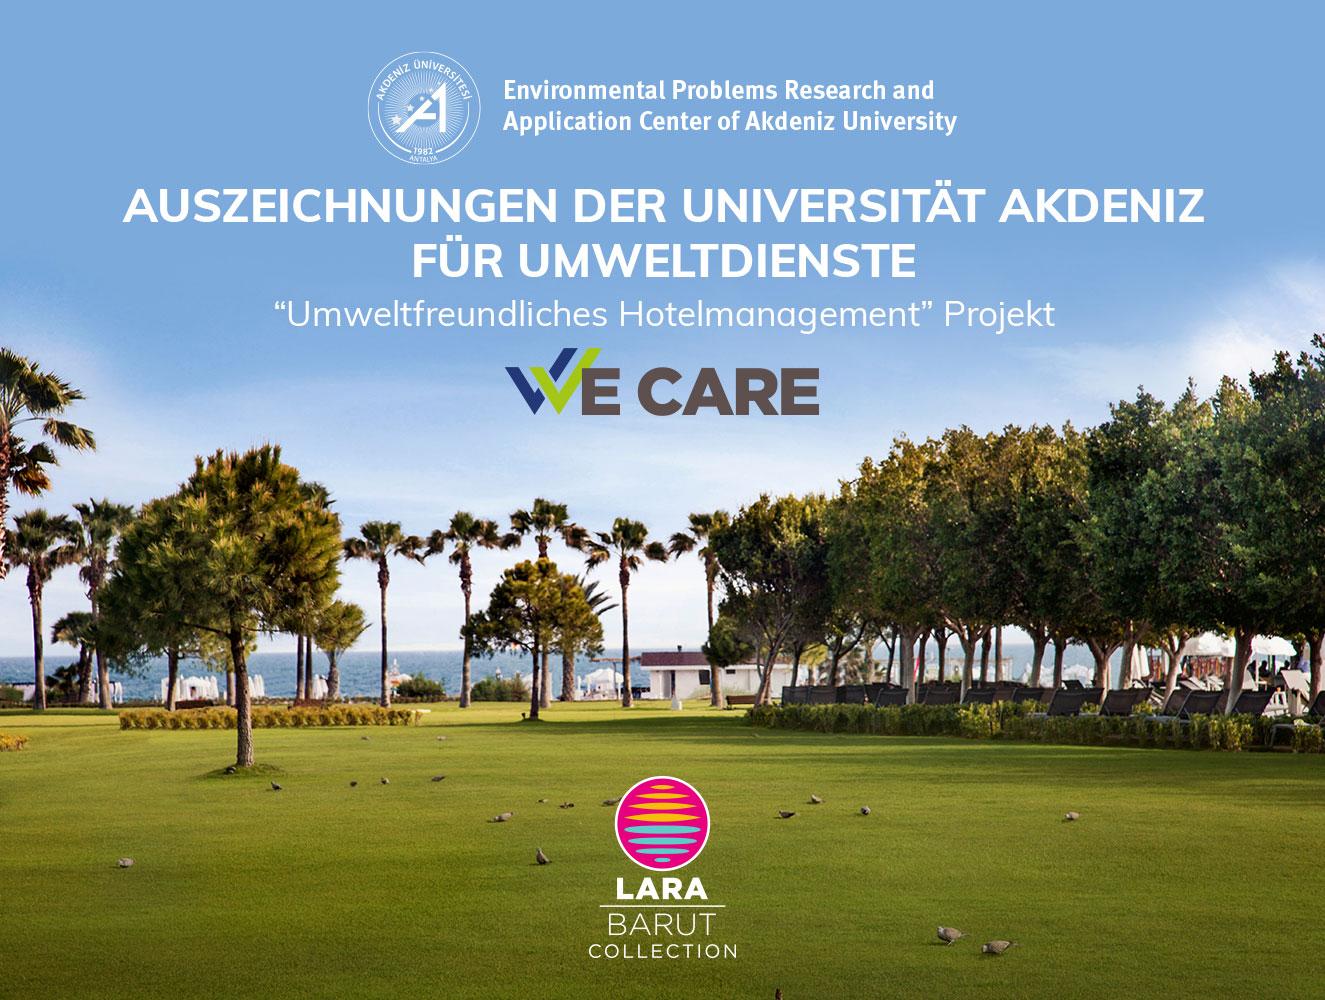 """Lara Barut Collection hat die Auszeichnung """"Umweltfreundliches Hotelmanagement"""" erhalten."""